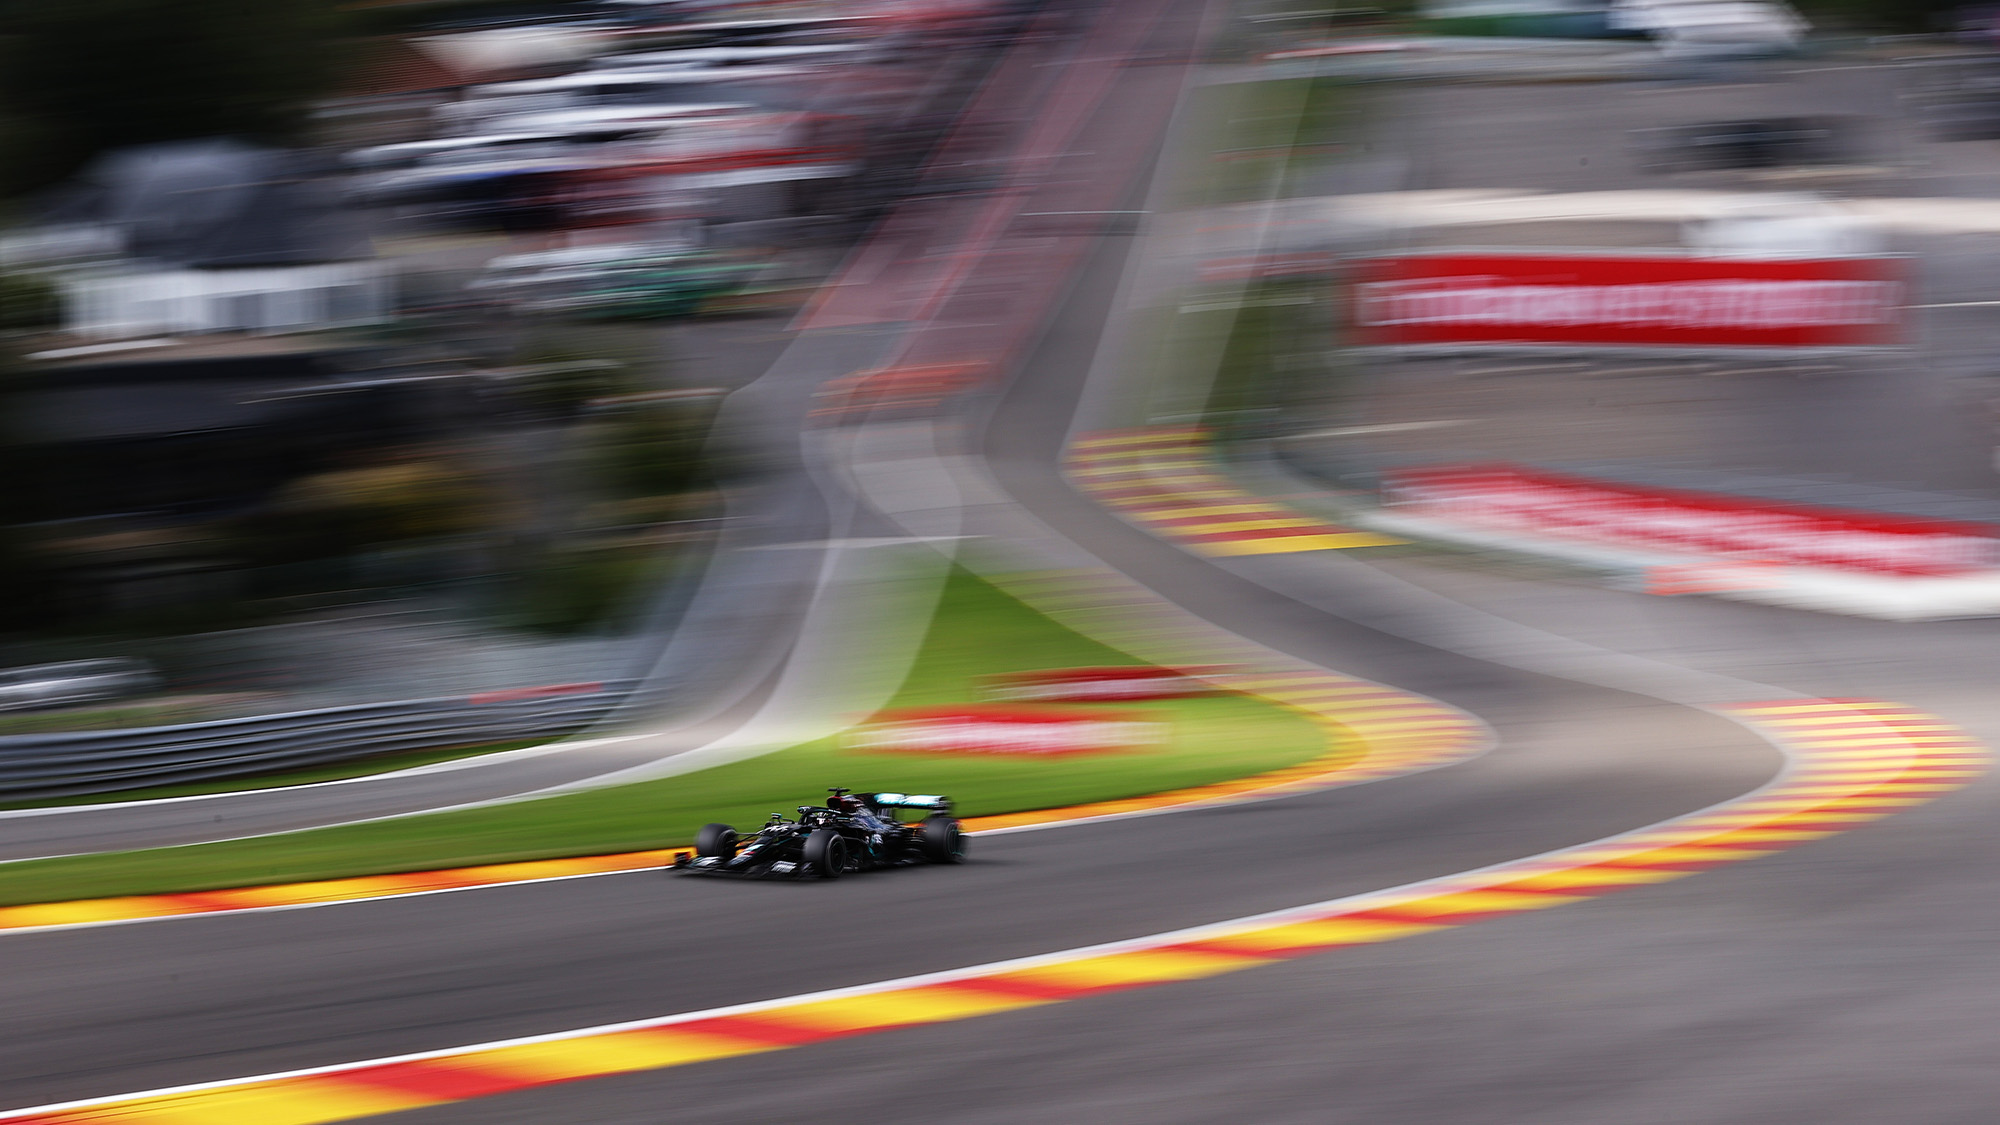 2020 F1 Belgian Grand Prix report: Spa win sets Hamilton on course for record